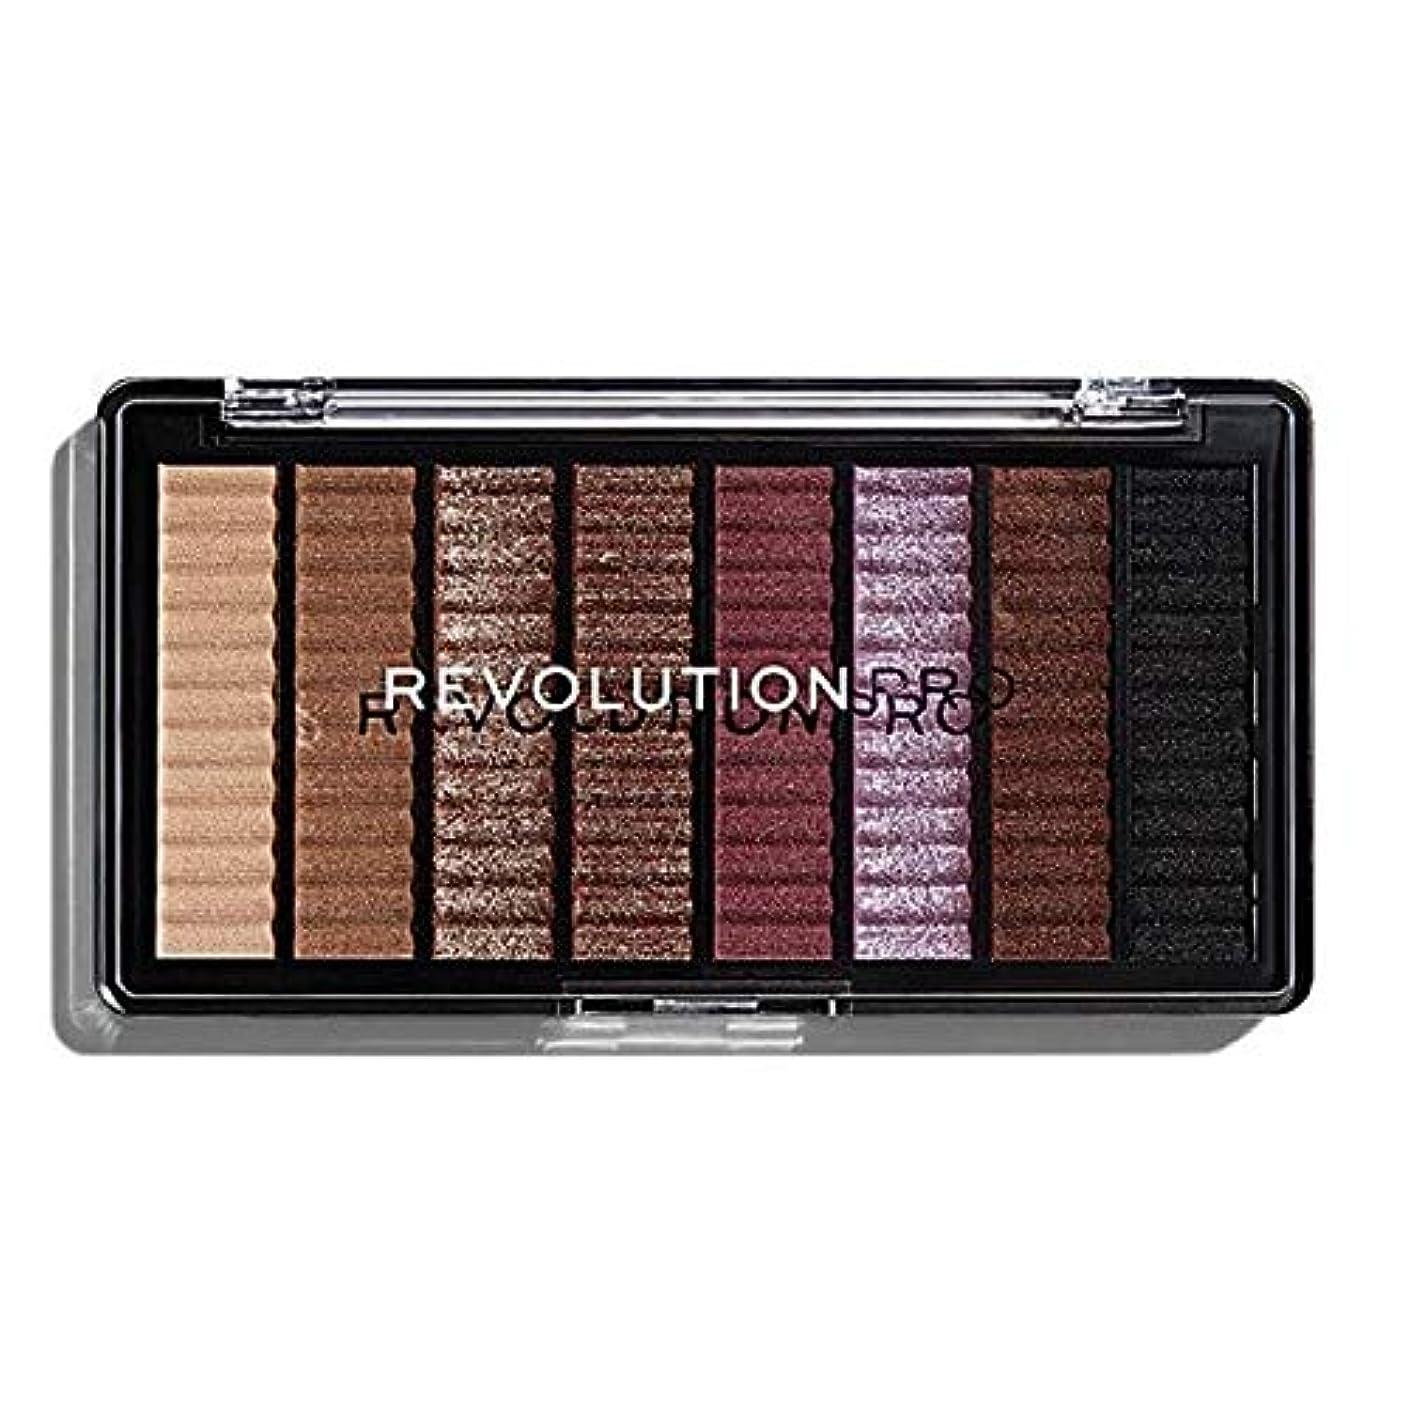 影響摘む資産[Revolution ] 革命プロ最高の魅力のアイシャドウパレット - Revolution Pro Supreme Allure Eye Shadow Palette [並行輸入品]